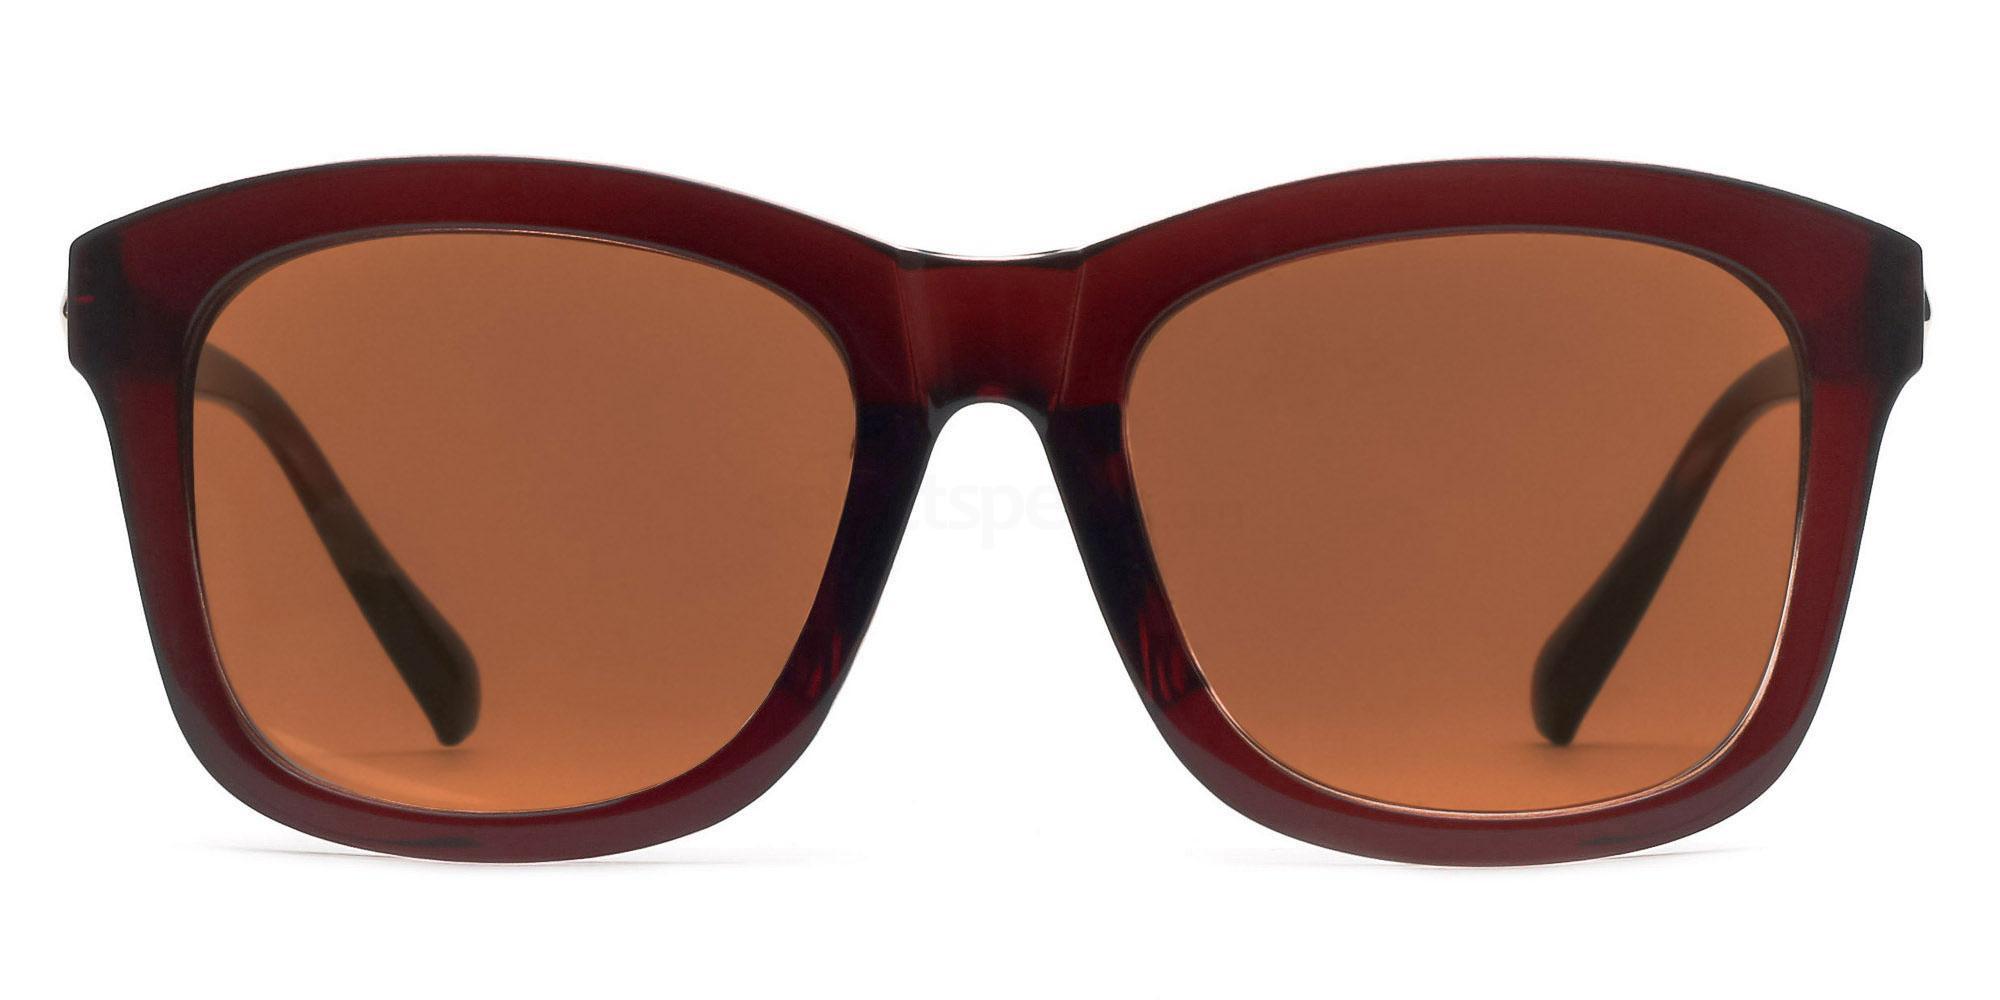 COL05 J2310 Sunglasses, Savannah